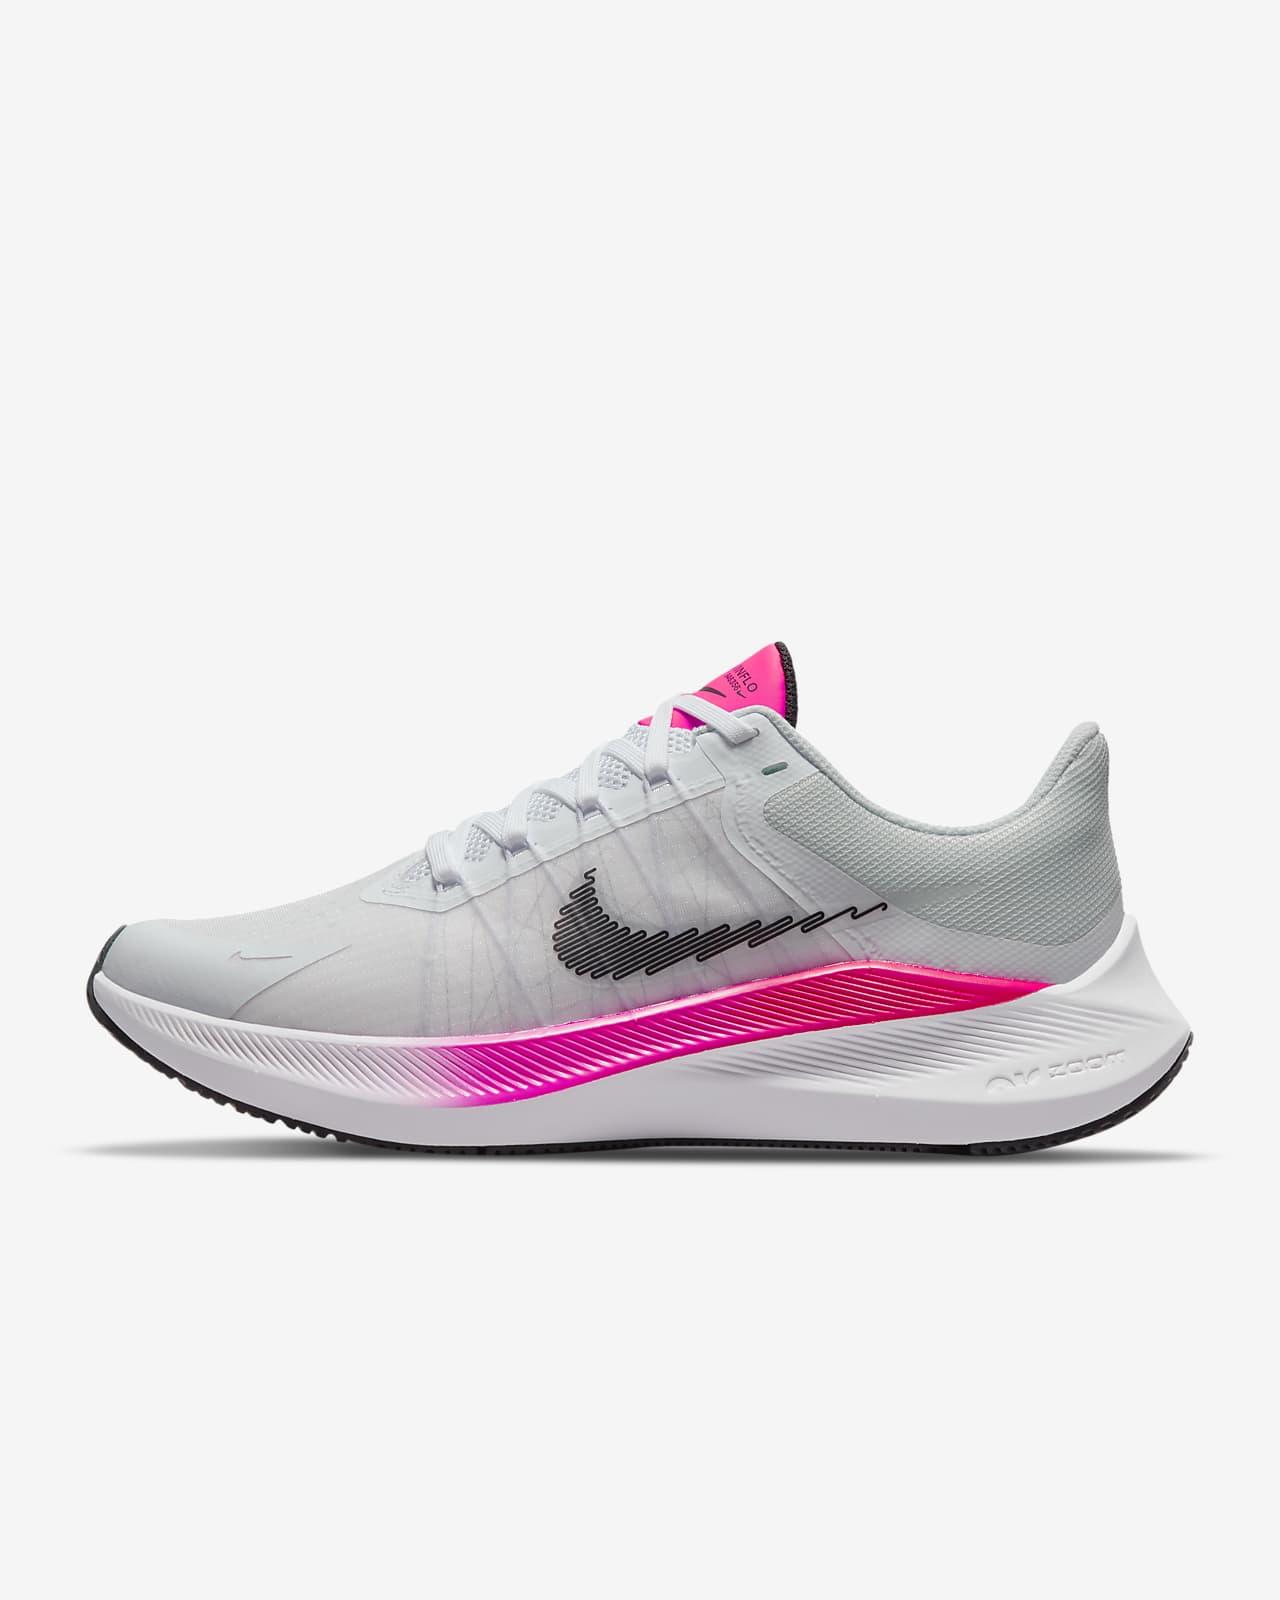 Chaussure de running Nike Winflo 8 pour Femme